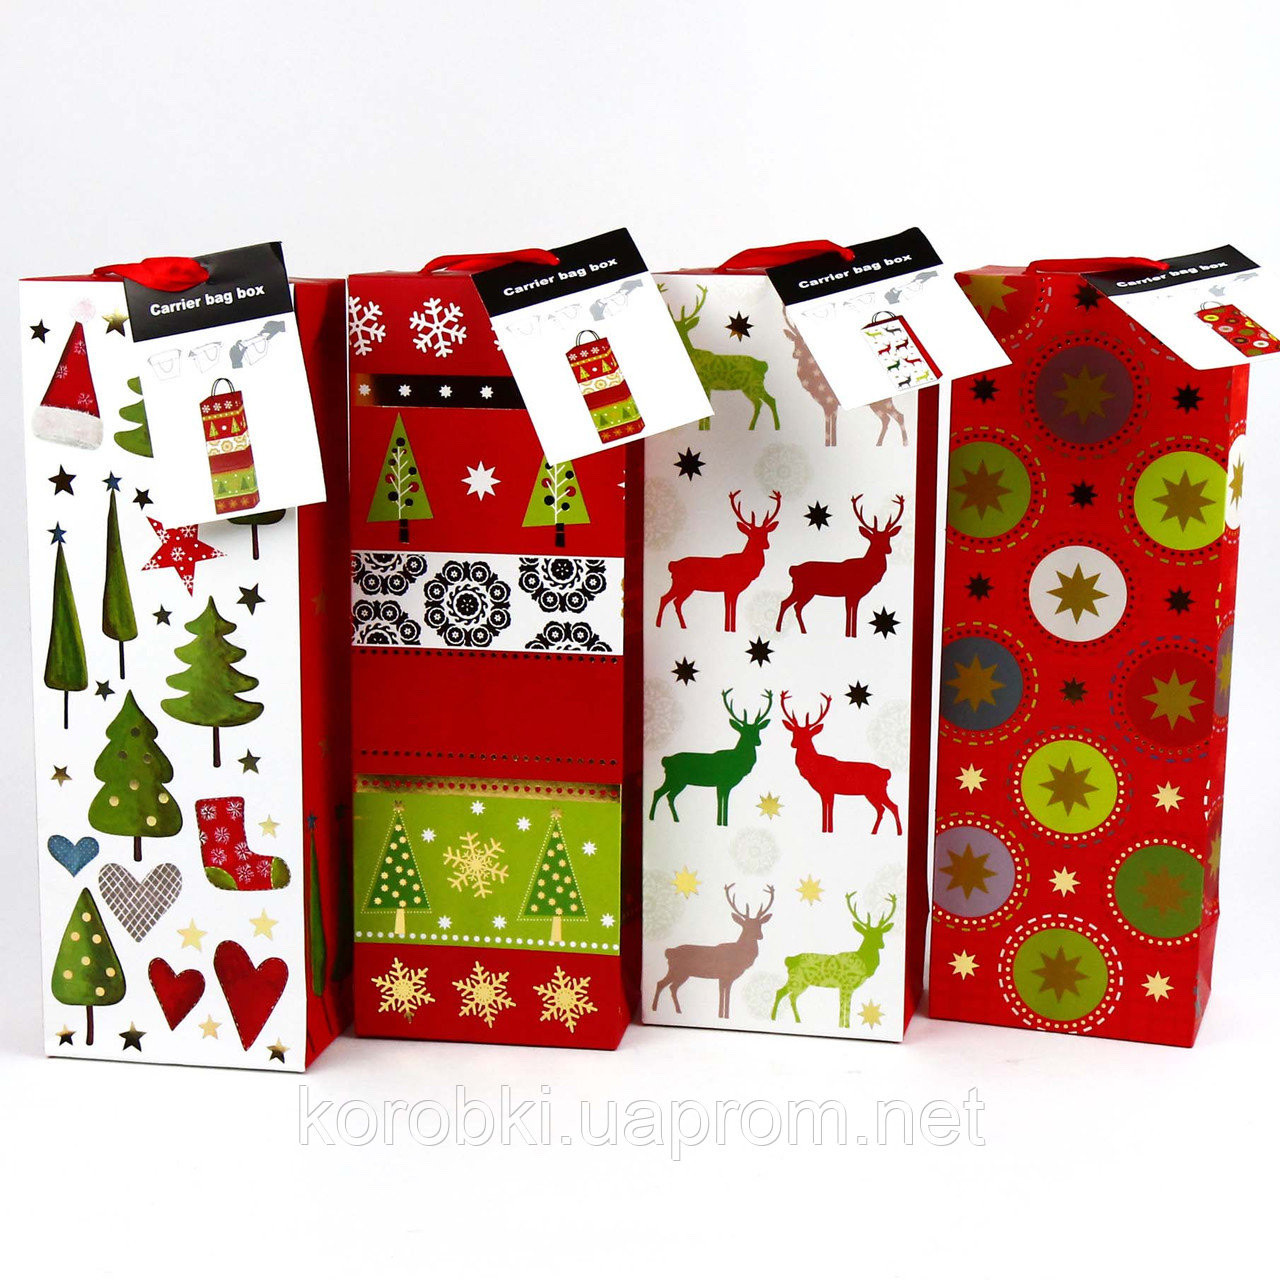 Коробочка - пакет подарункова новорічна, 35 см, мікс, Коробка новогодняя подарочная